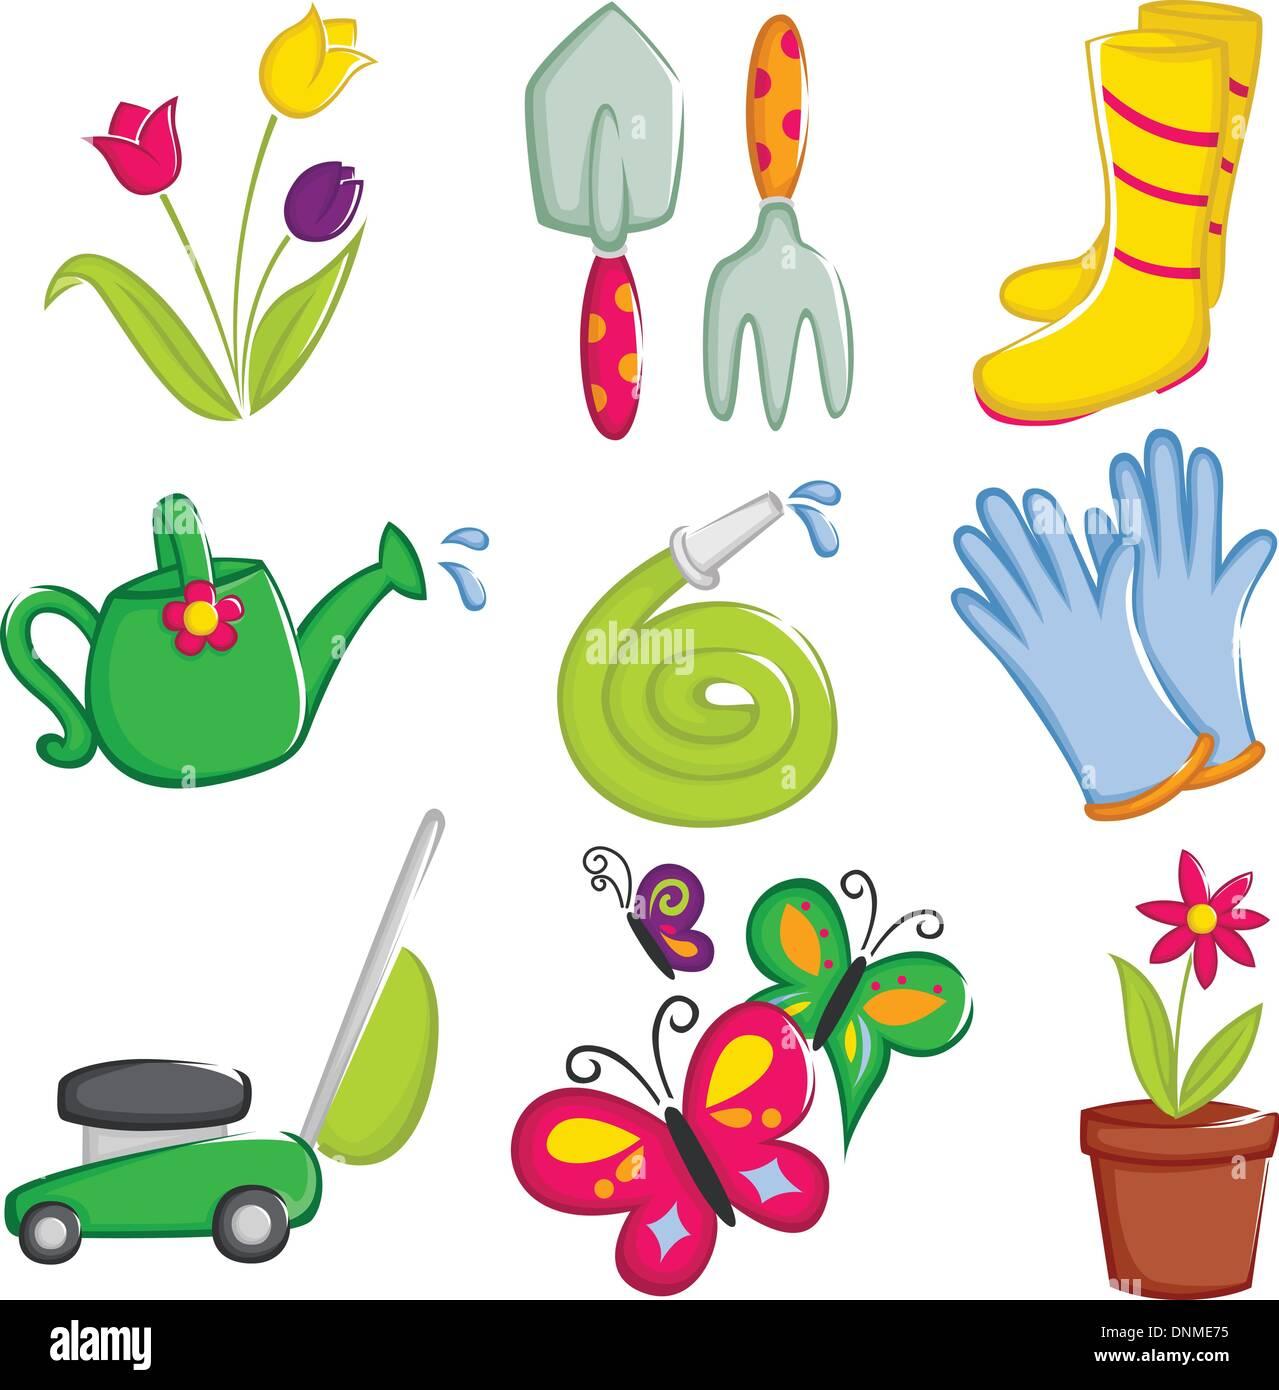 Un vecteur illustration de jardinage du printemps icons Photo Stock